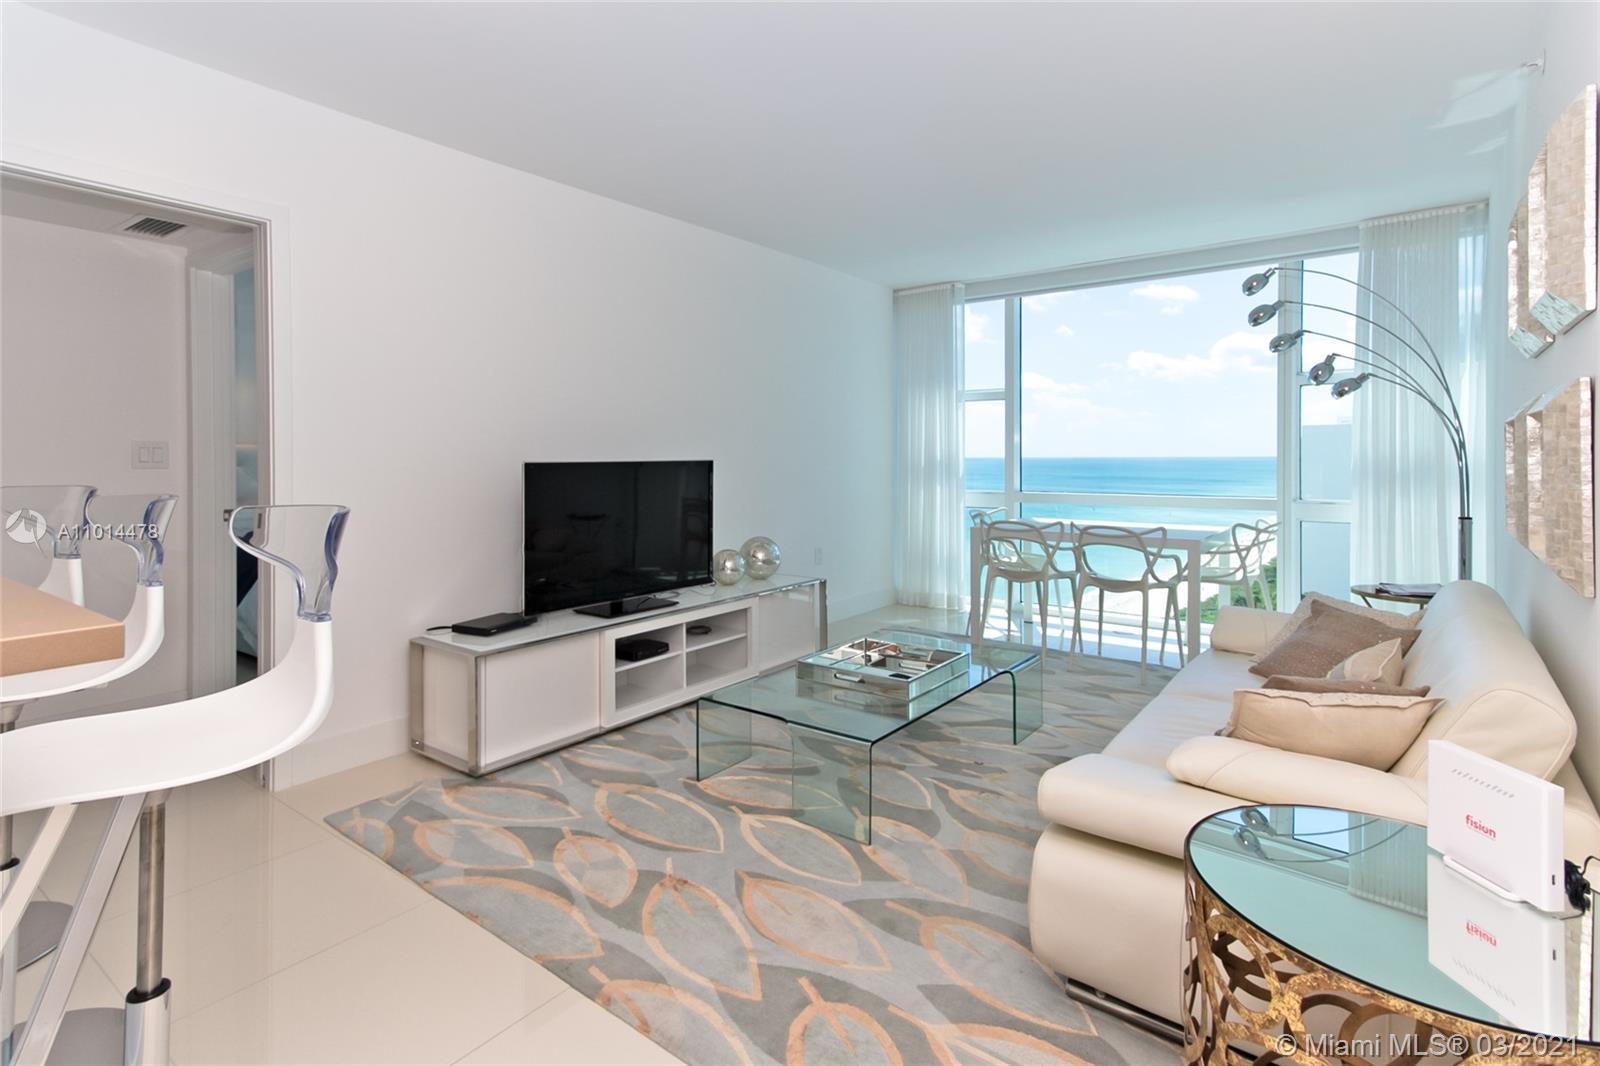 Carillon Hotel Tower #LPH14 - 6801 Collins Ave #LPH14, Miami Beach, FL 33141